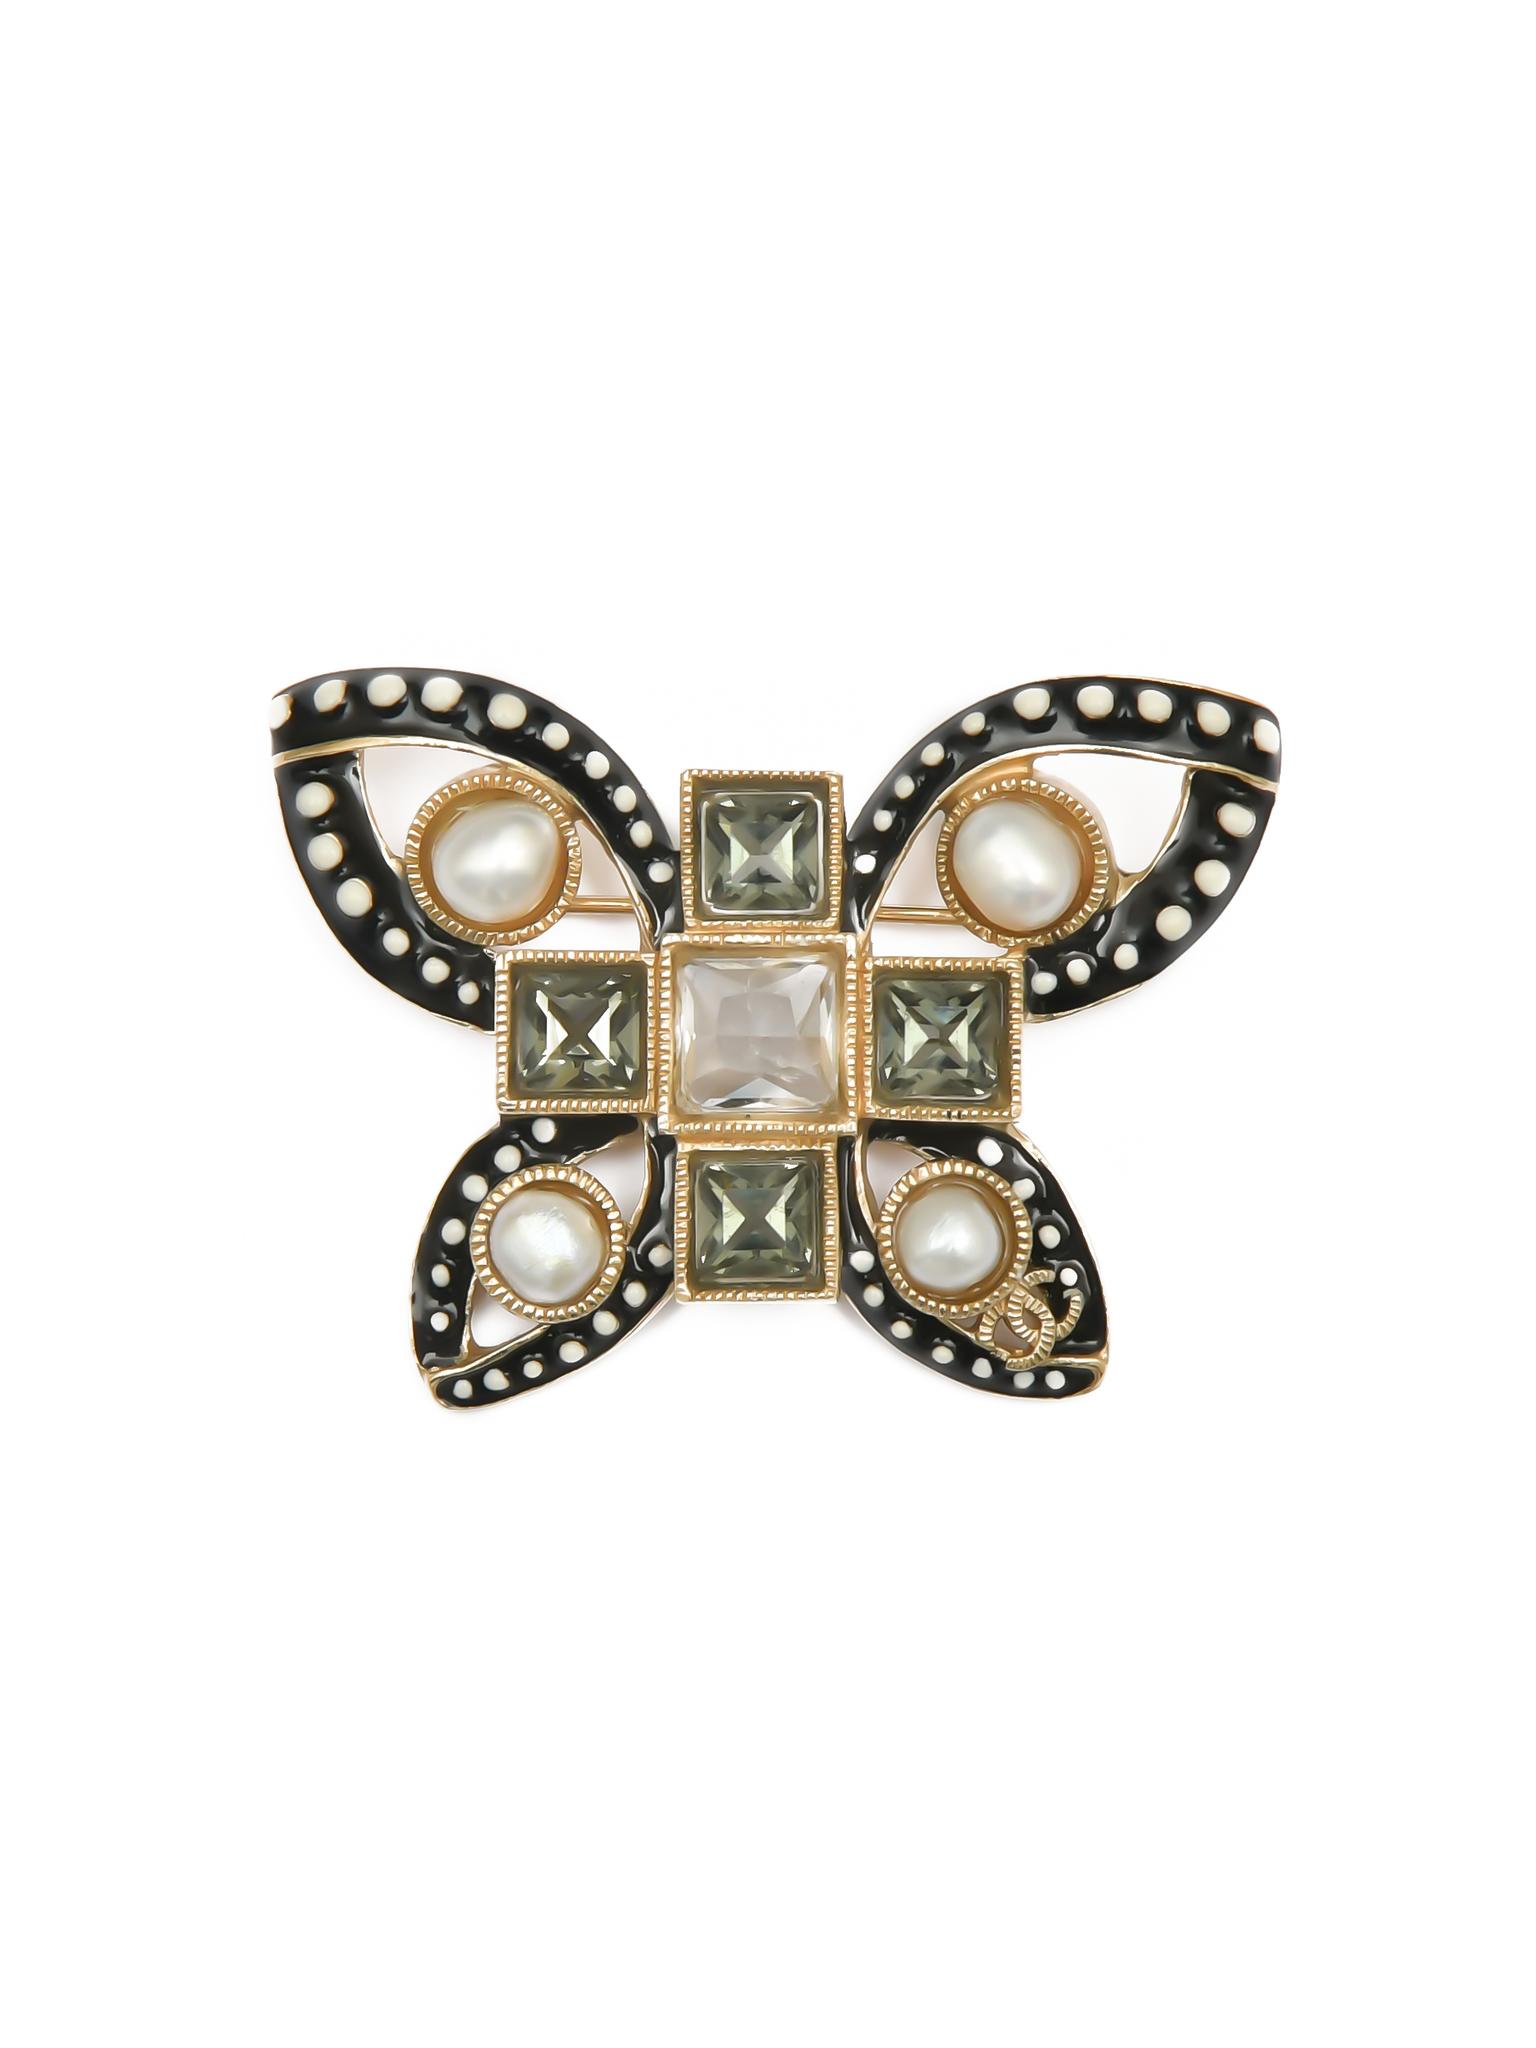 Анималистическая брошь Chanel в виде бабочки, весенняя коллекция 2015 г.